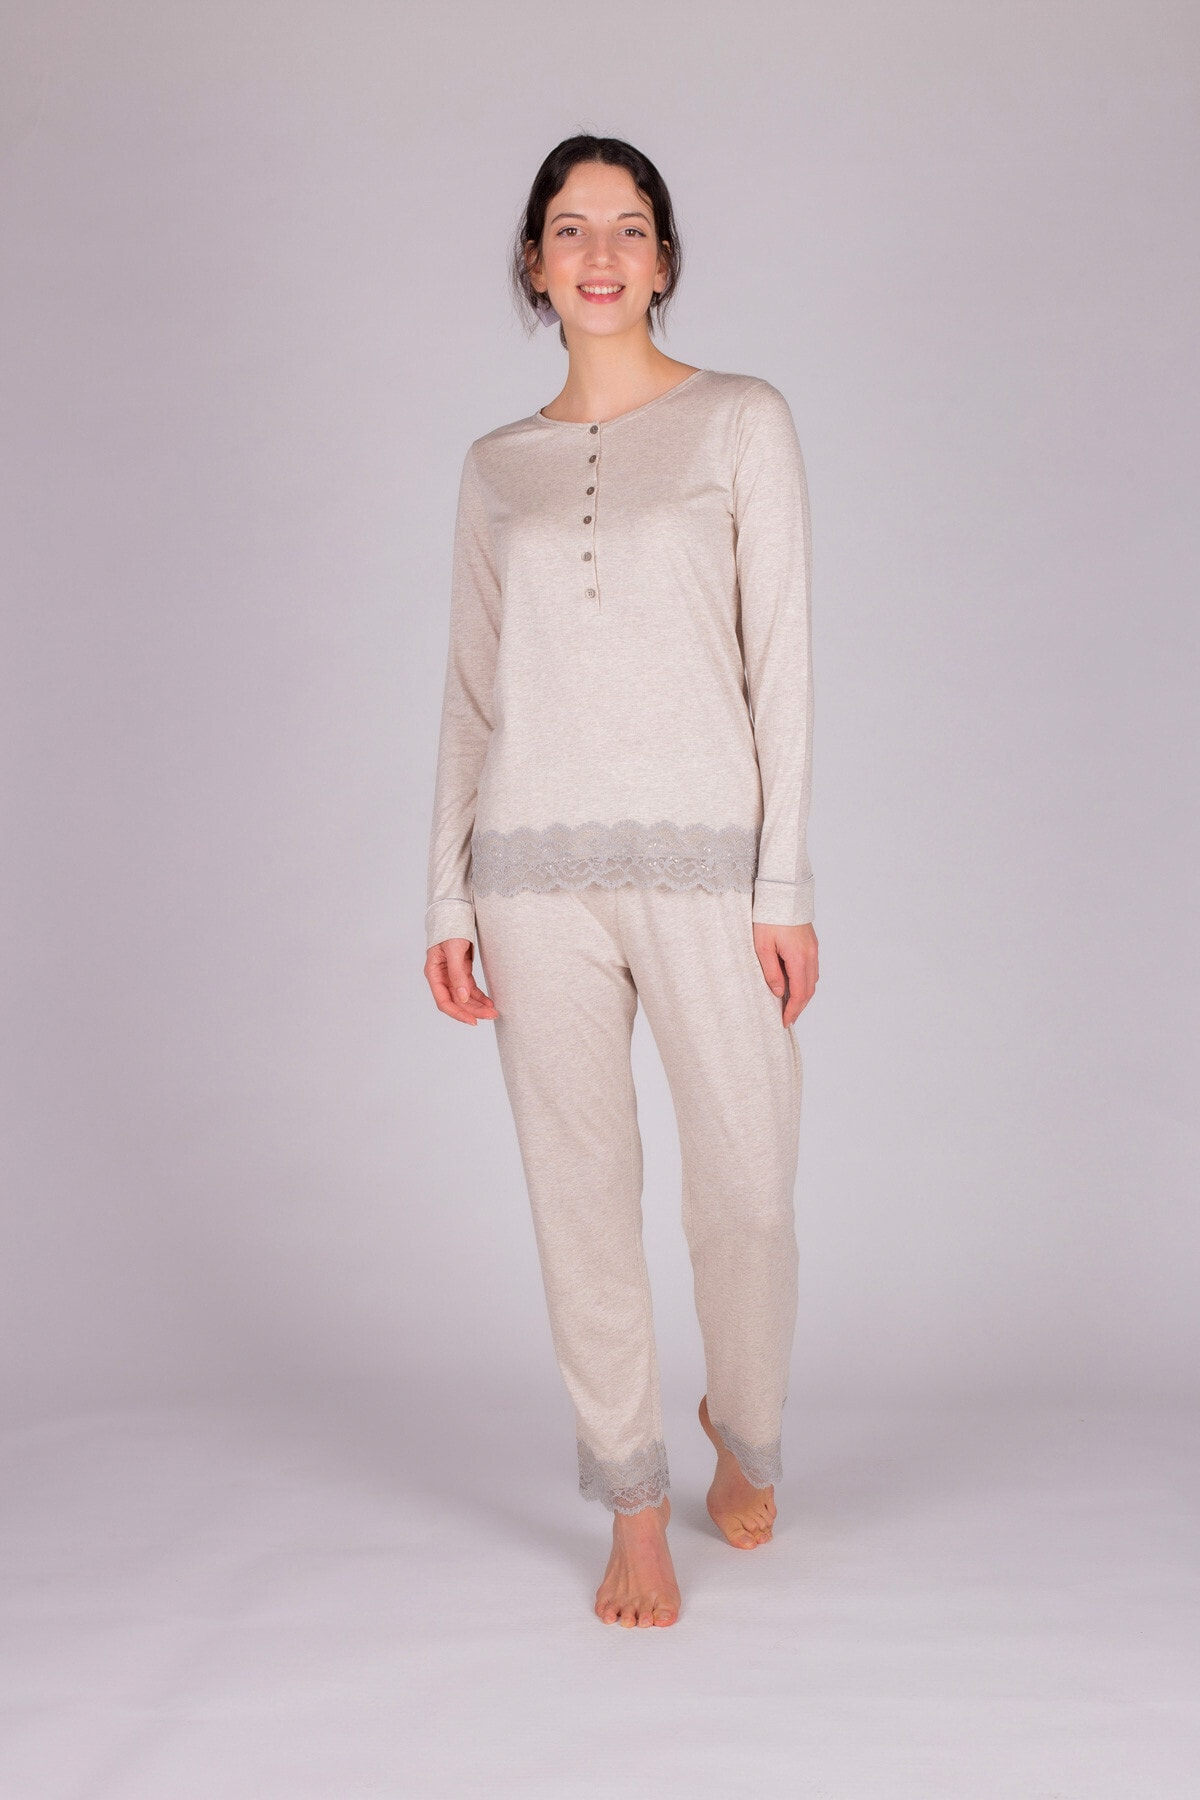 Hays Kadın Bej Melanj Modal Dantel Detaylı Pijama Takımı 2